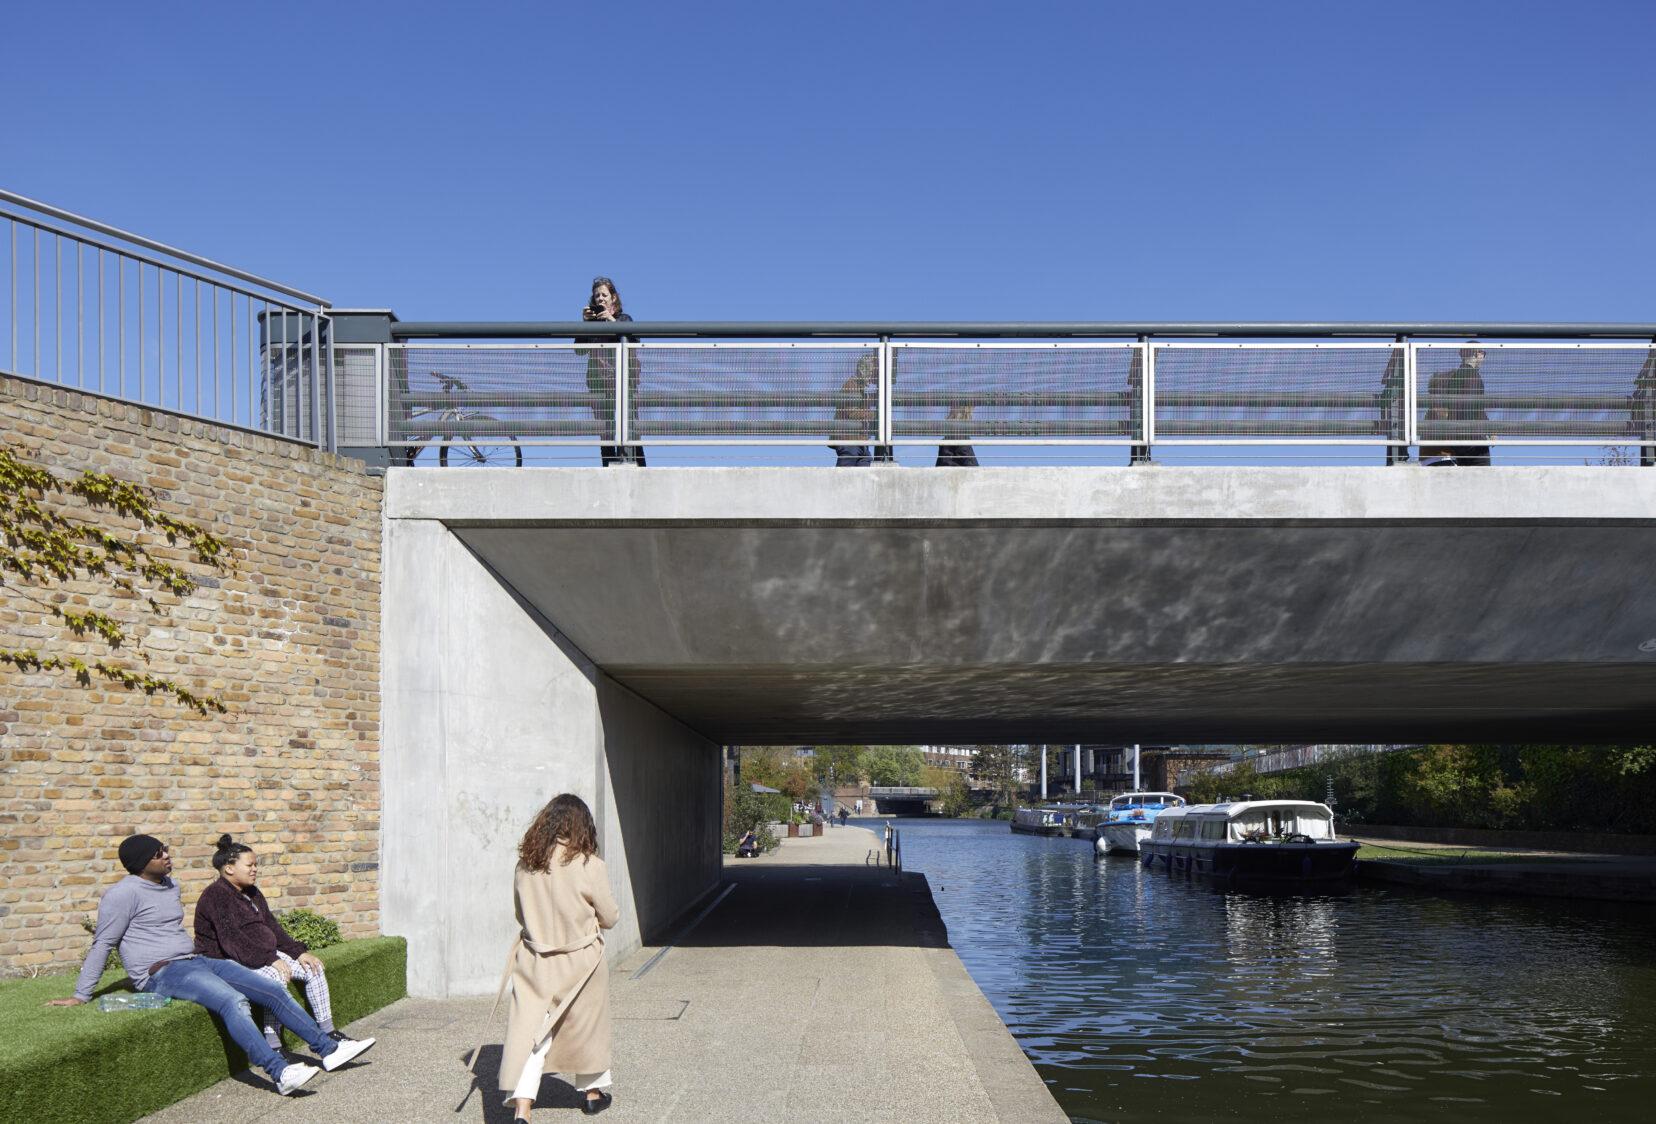 Person walking under Regents Canal Bridge in Kings Cross